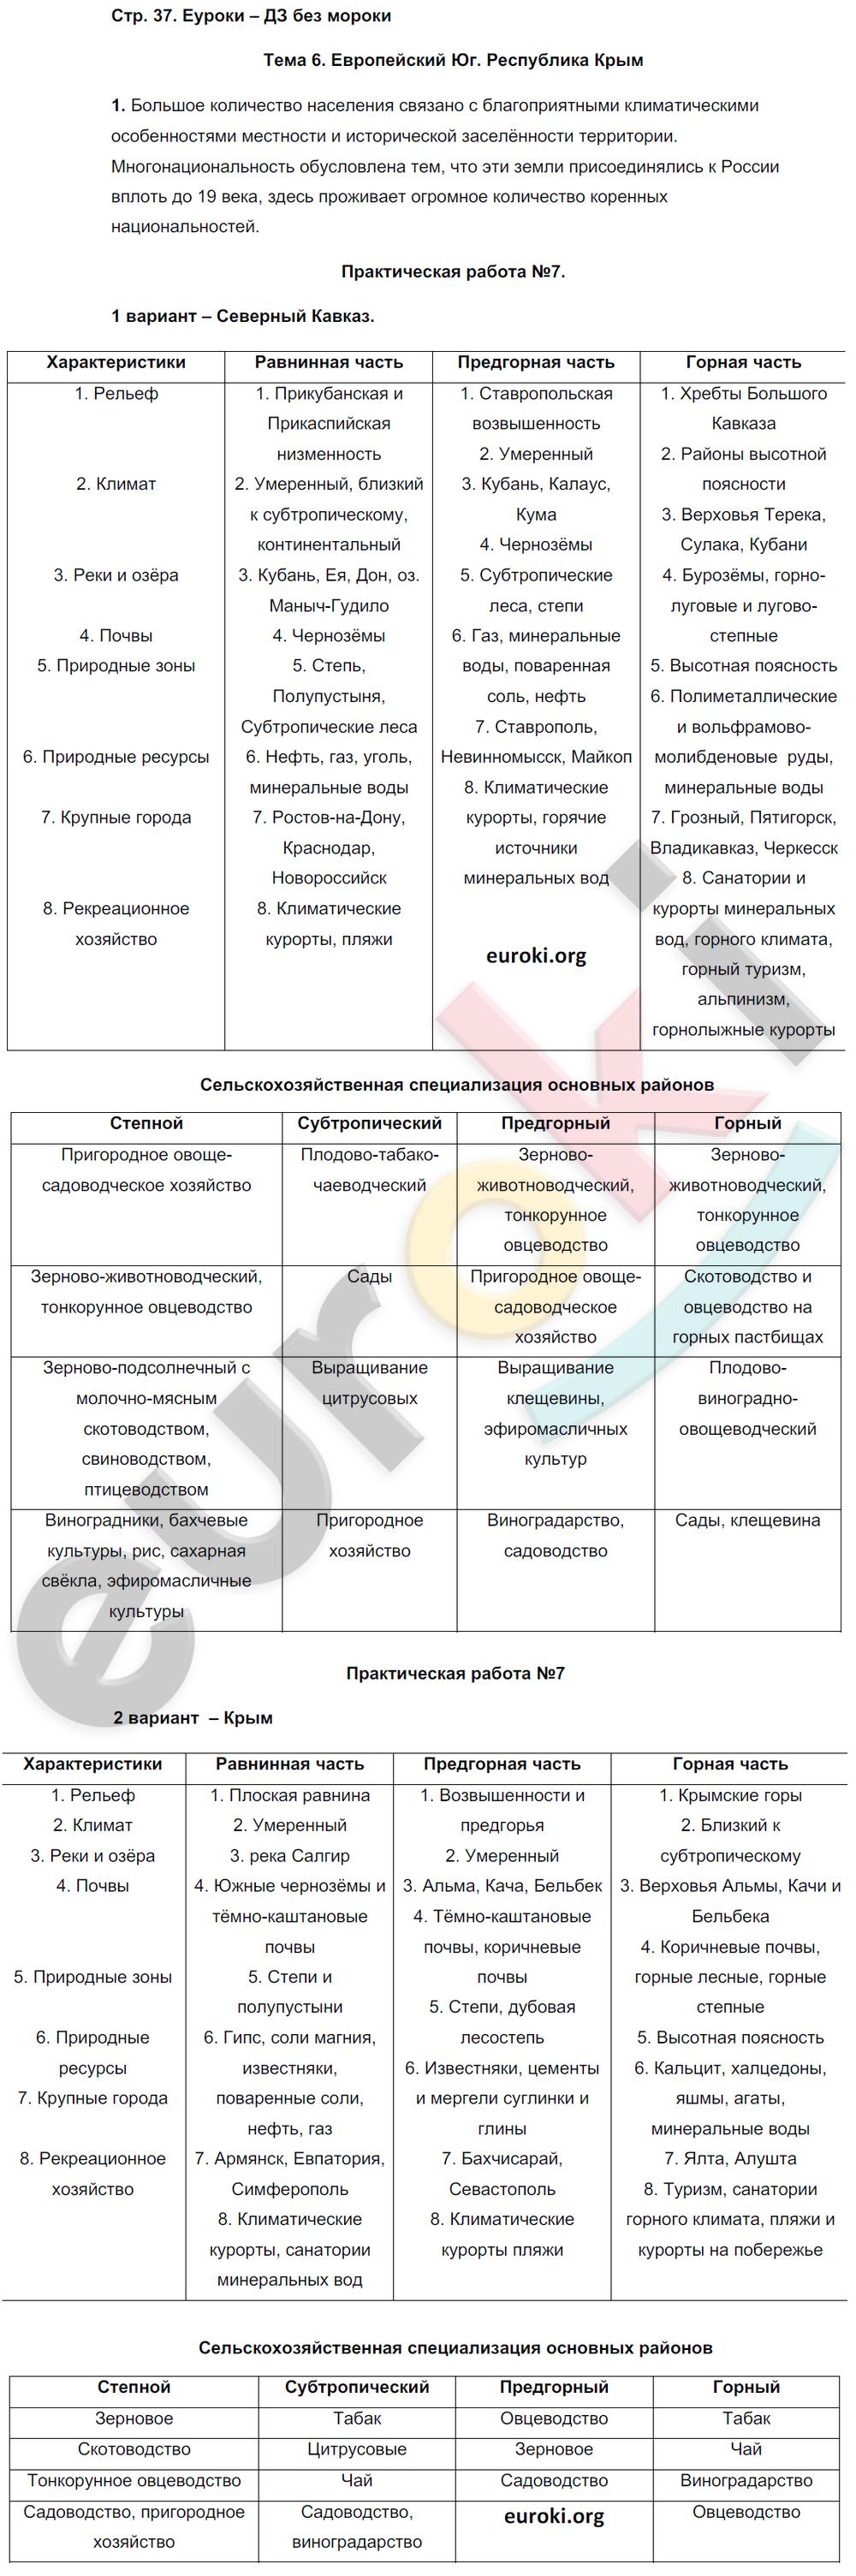 ГДЗ по географии 9 класс рабочая тетрадь Баринова, Суслов. Задание: стр. 37